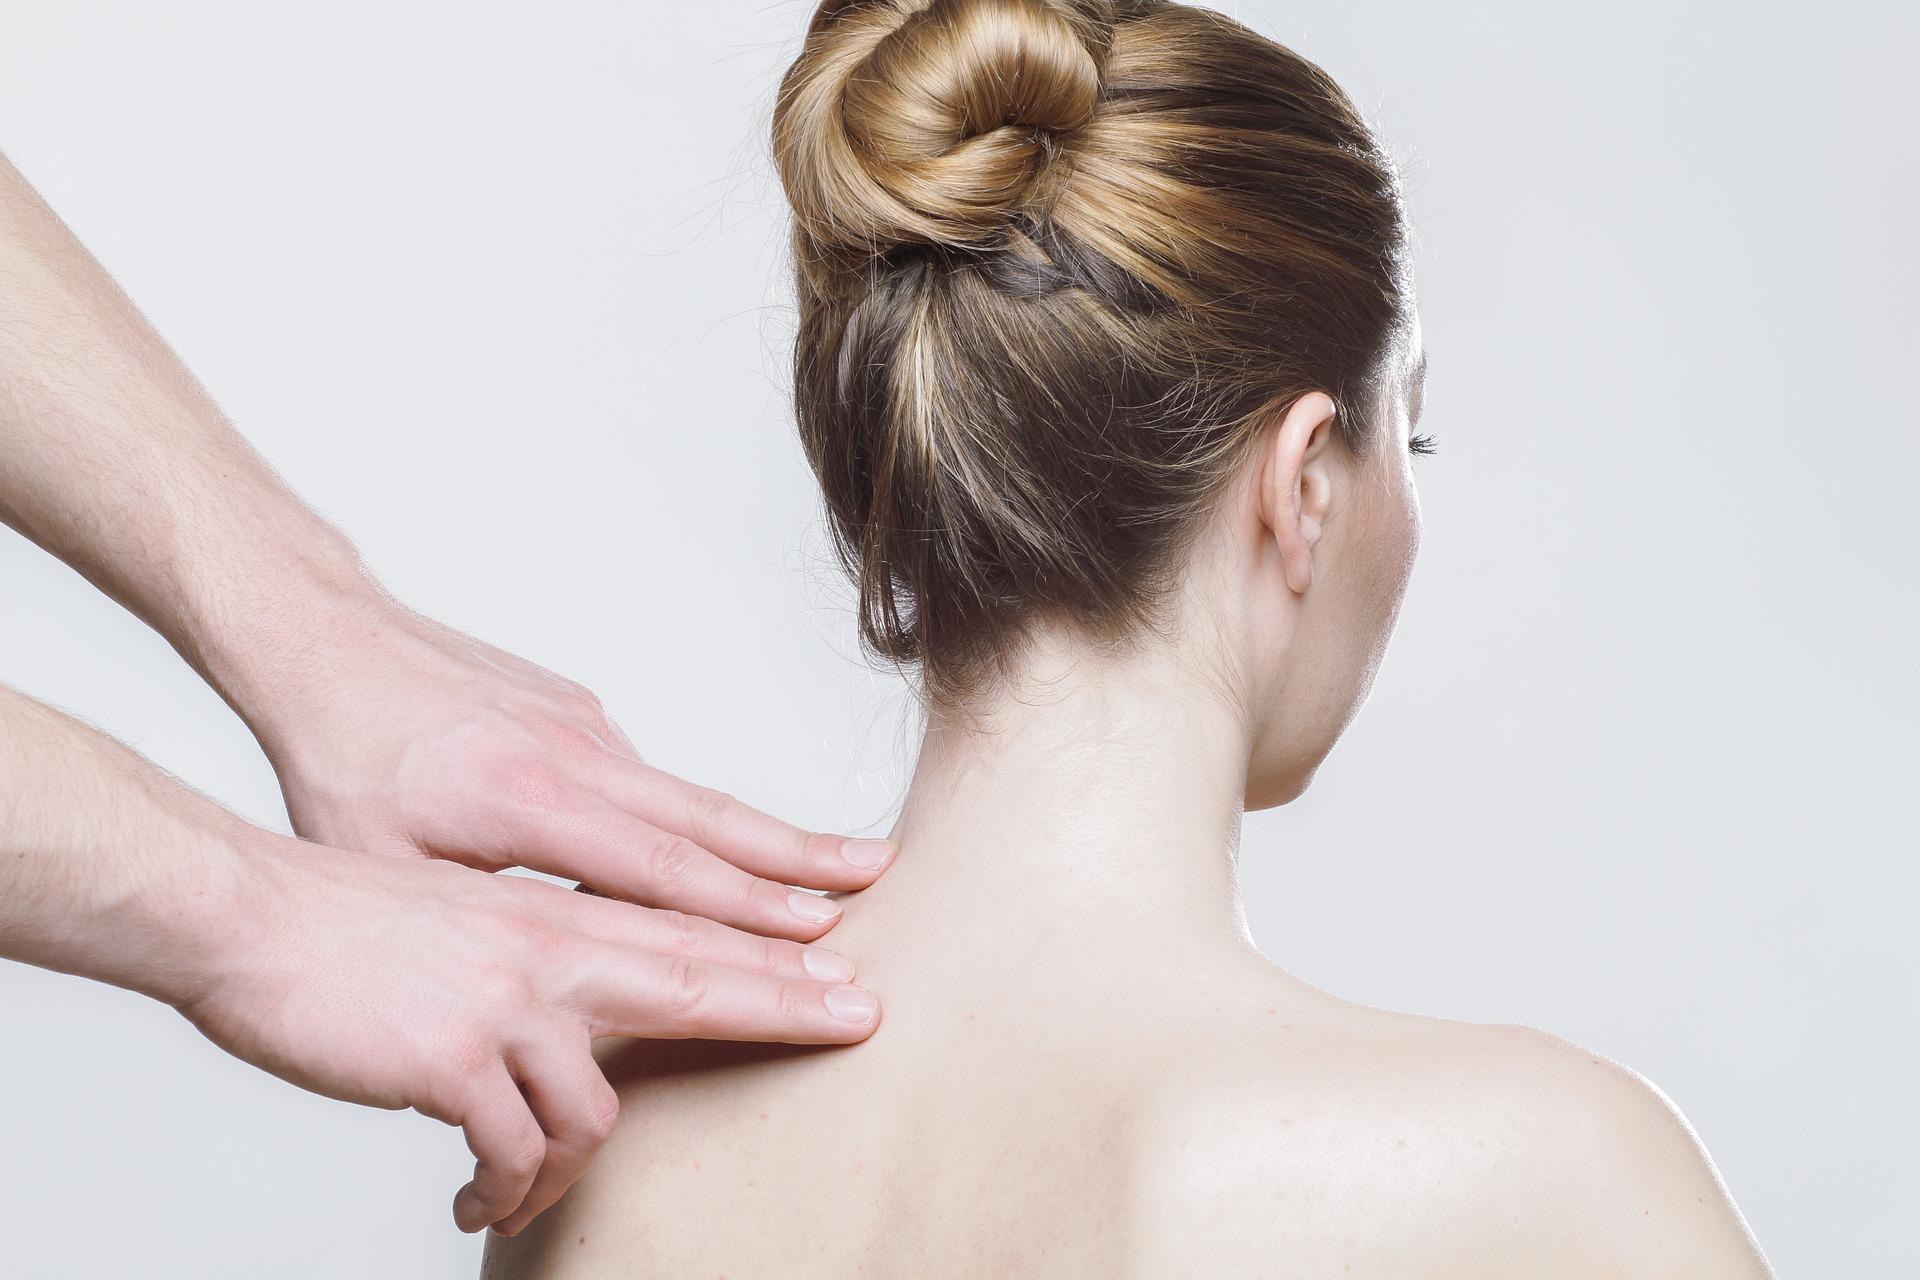 Fizjoterapia - na jakie kursy można się zapisać?